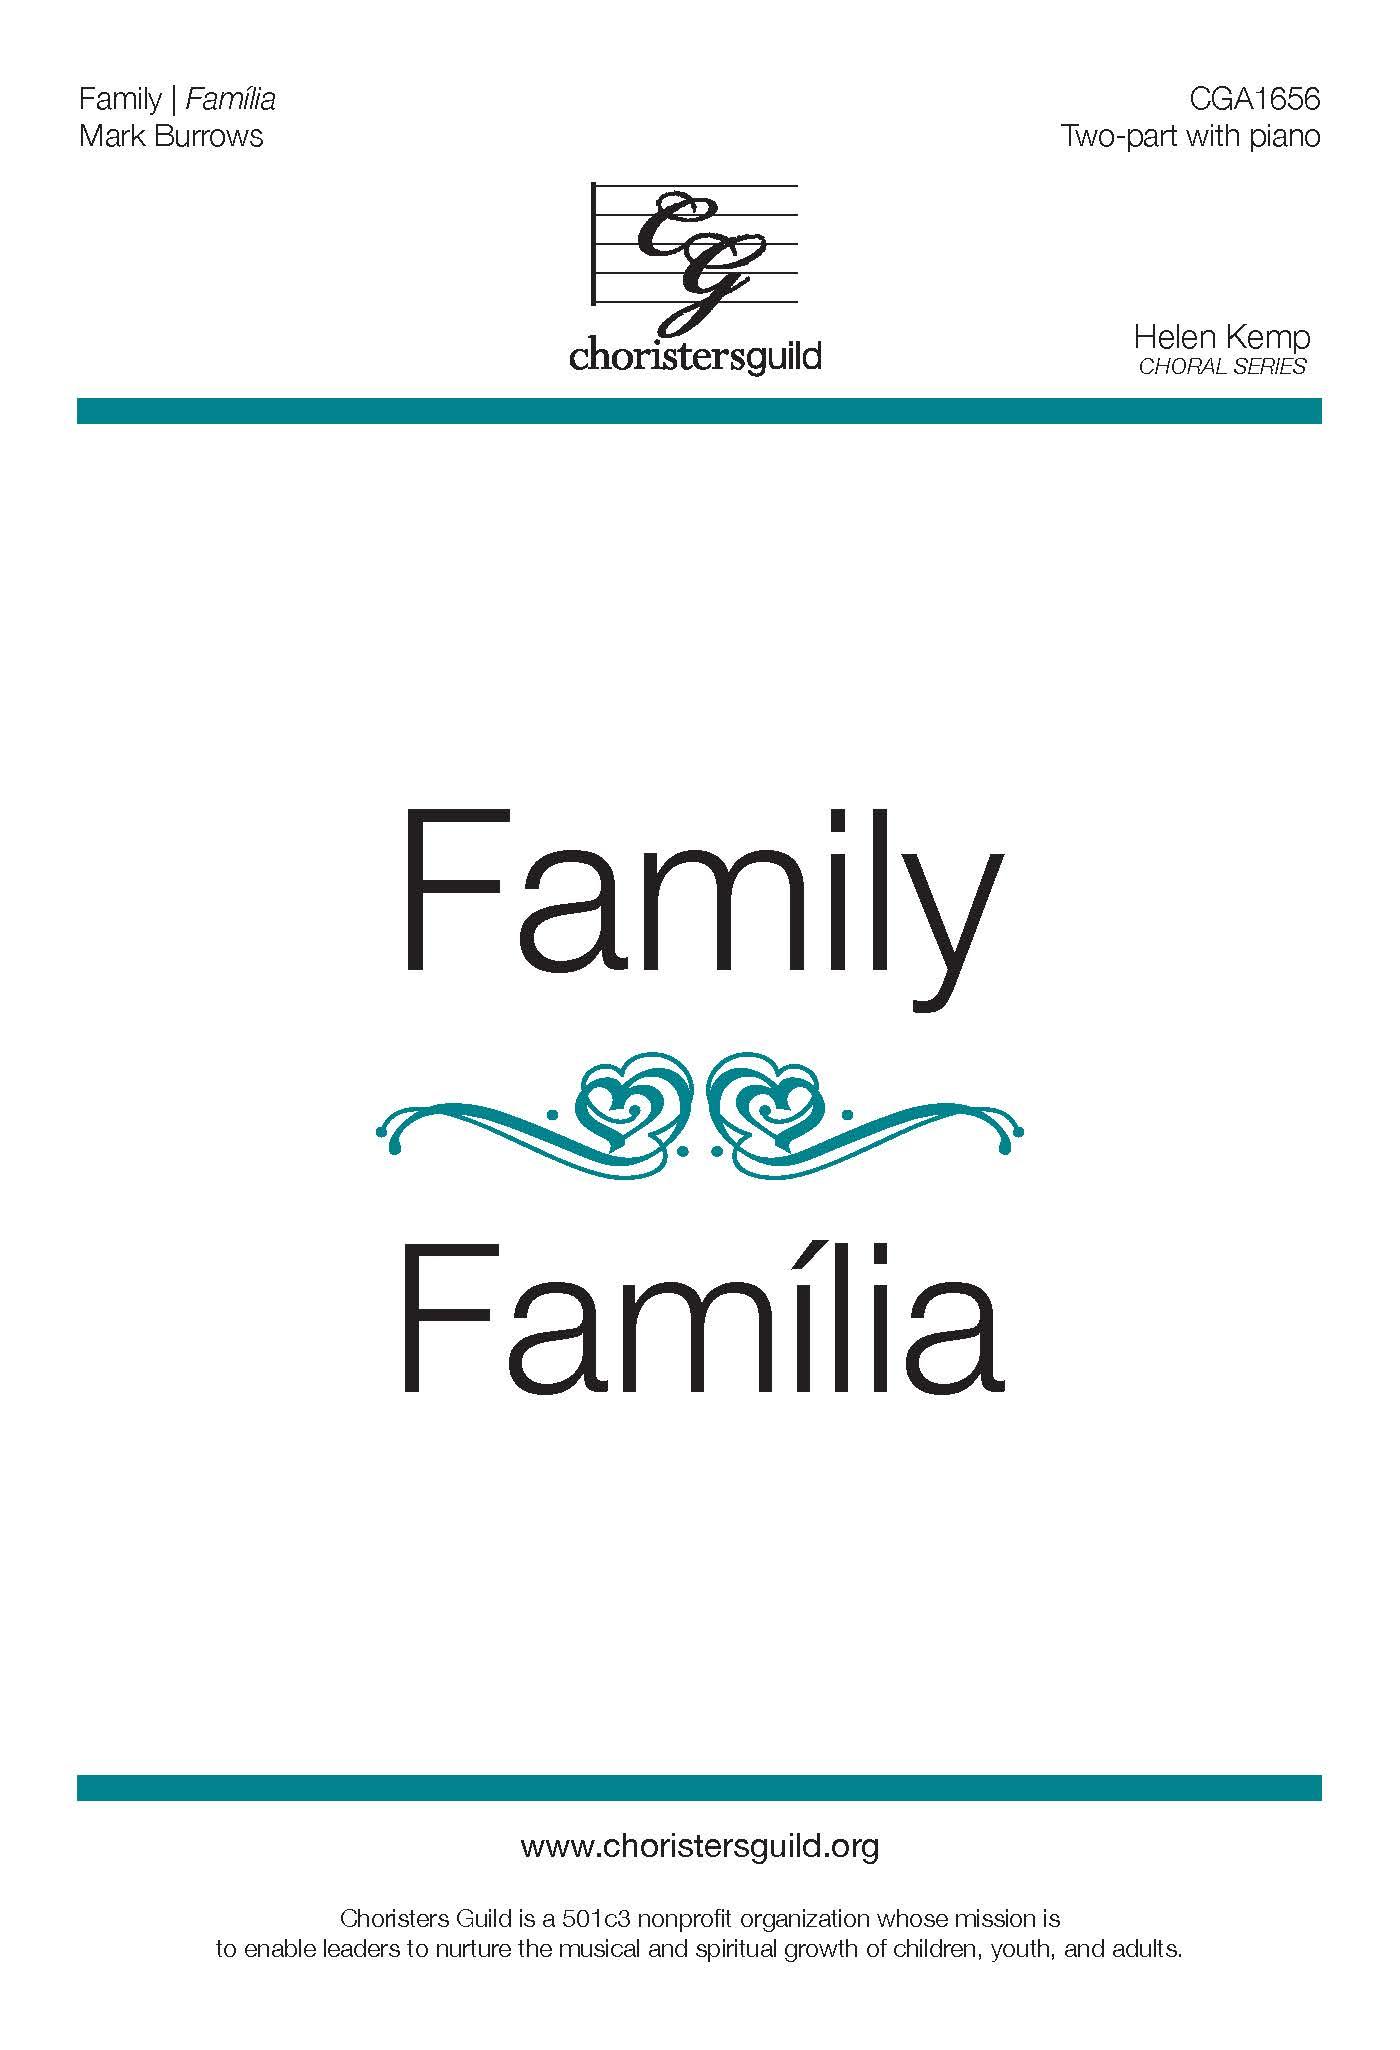 Family/Familia - Two-part